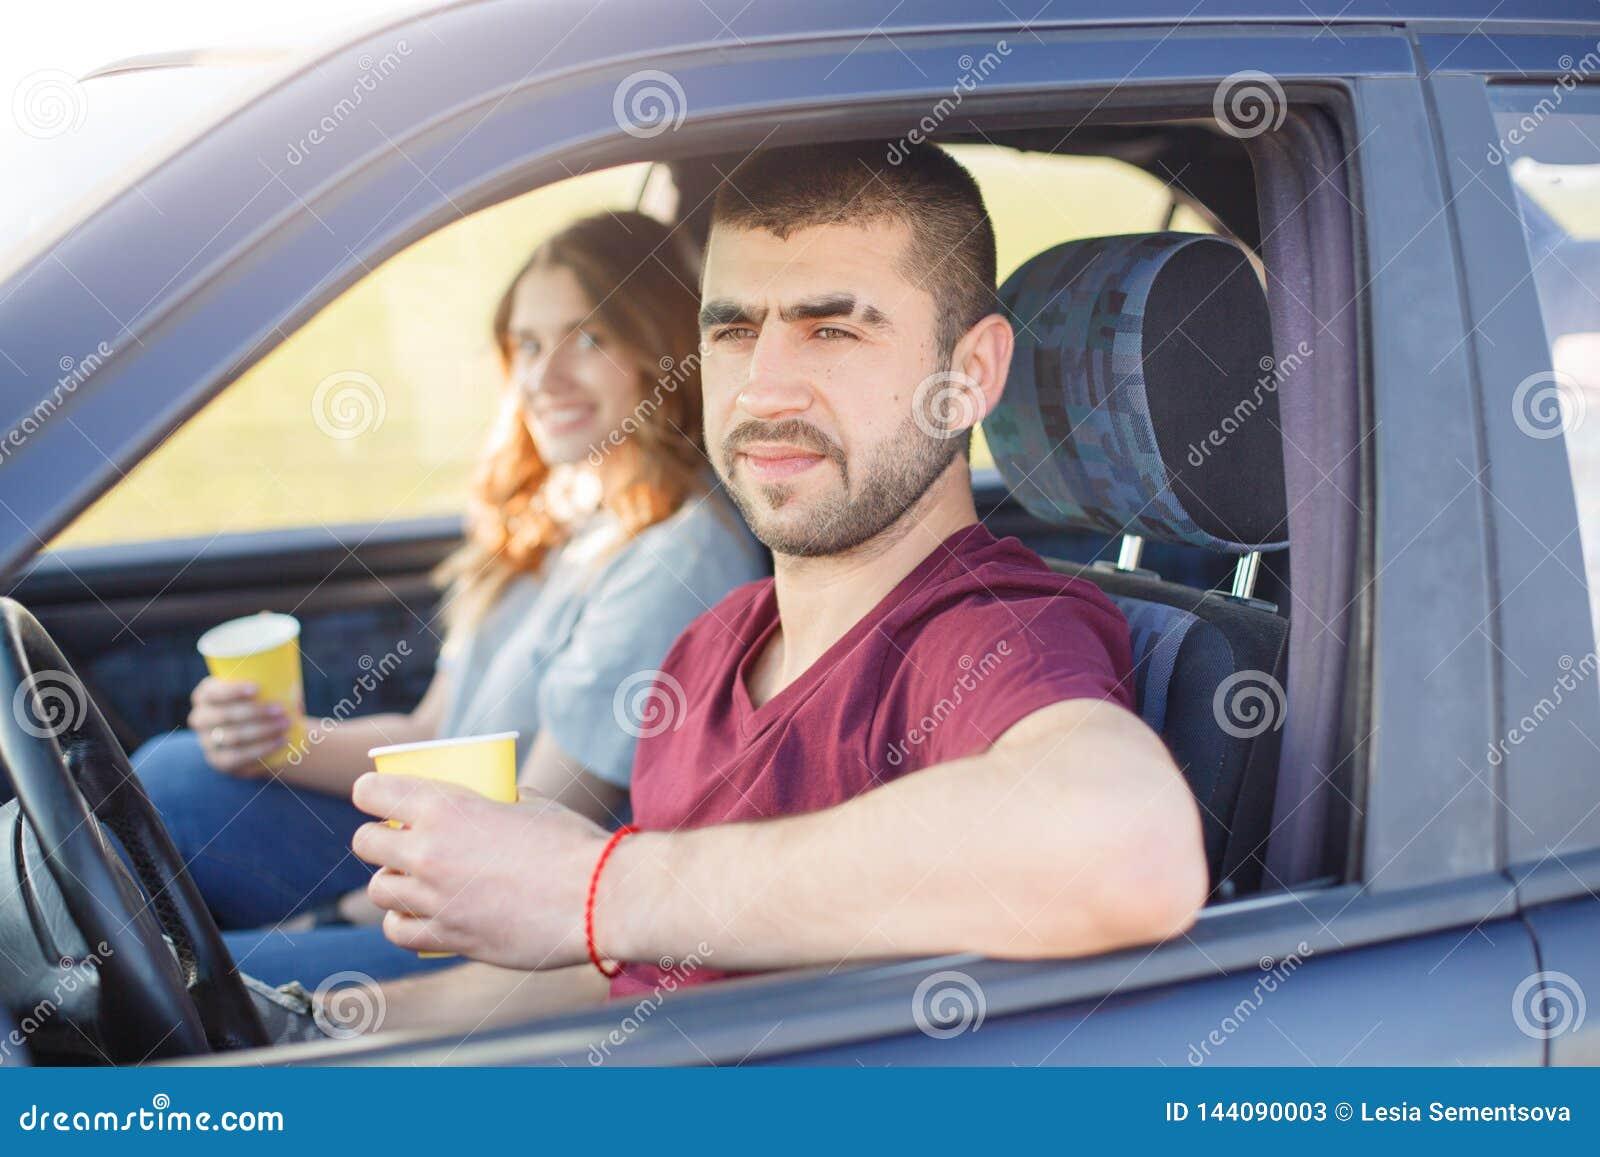 Online dating αστείες φωτογραφίες